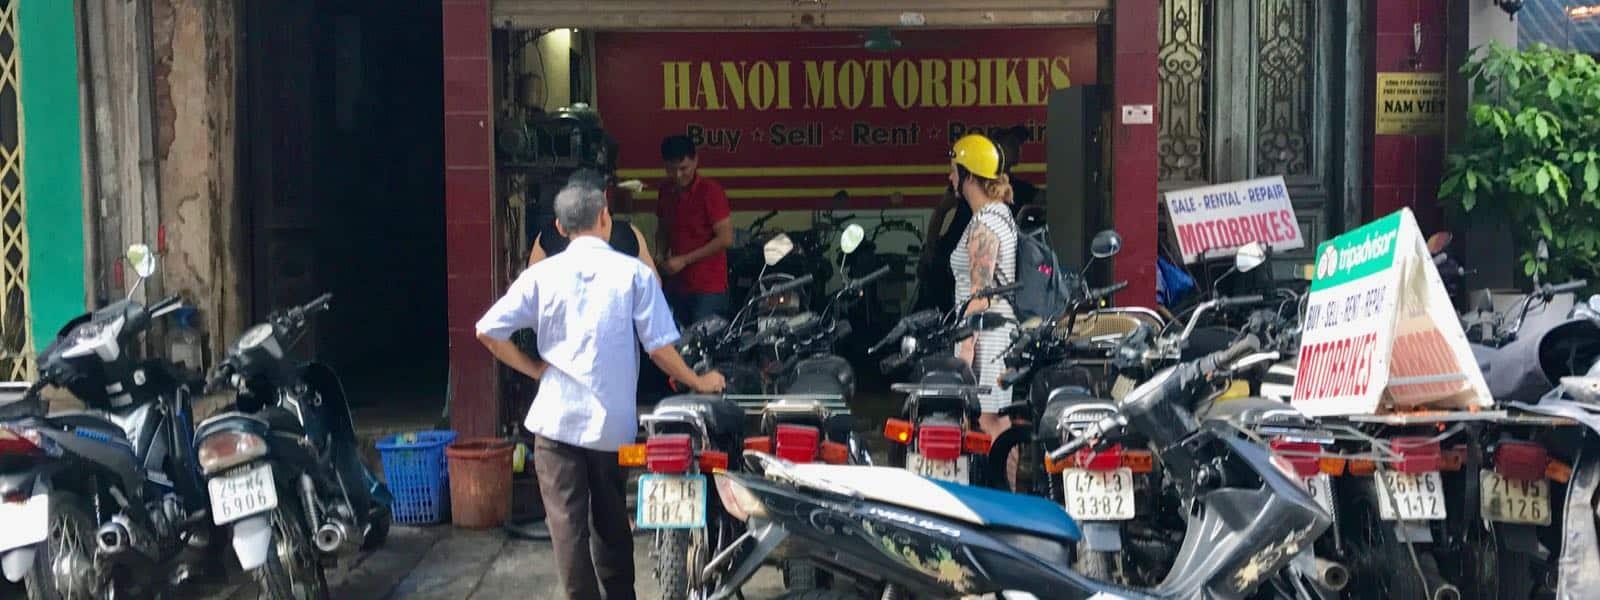 Hanoi Motorbikes Hannah betternotstop